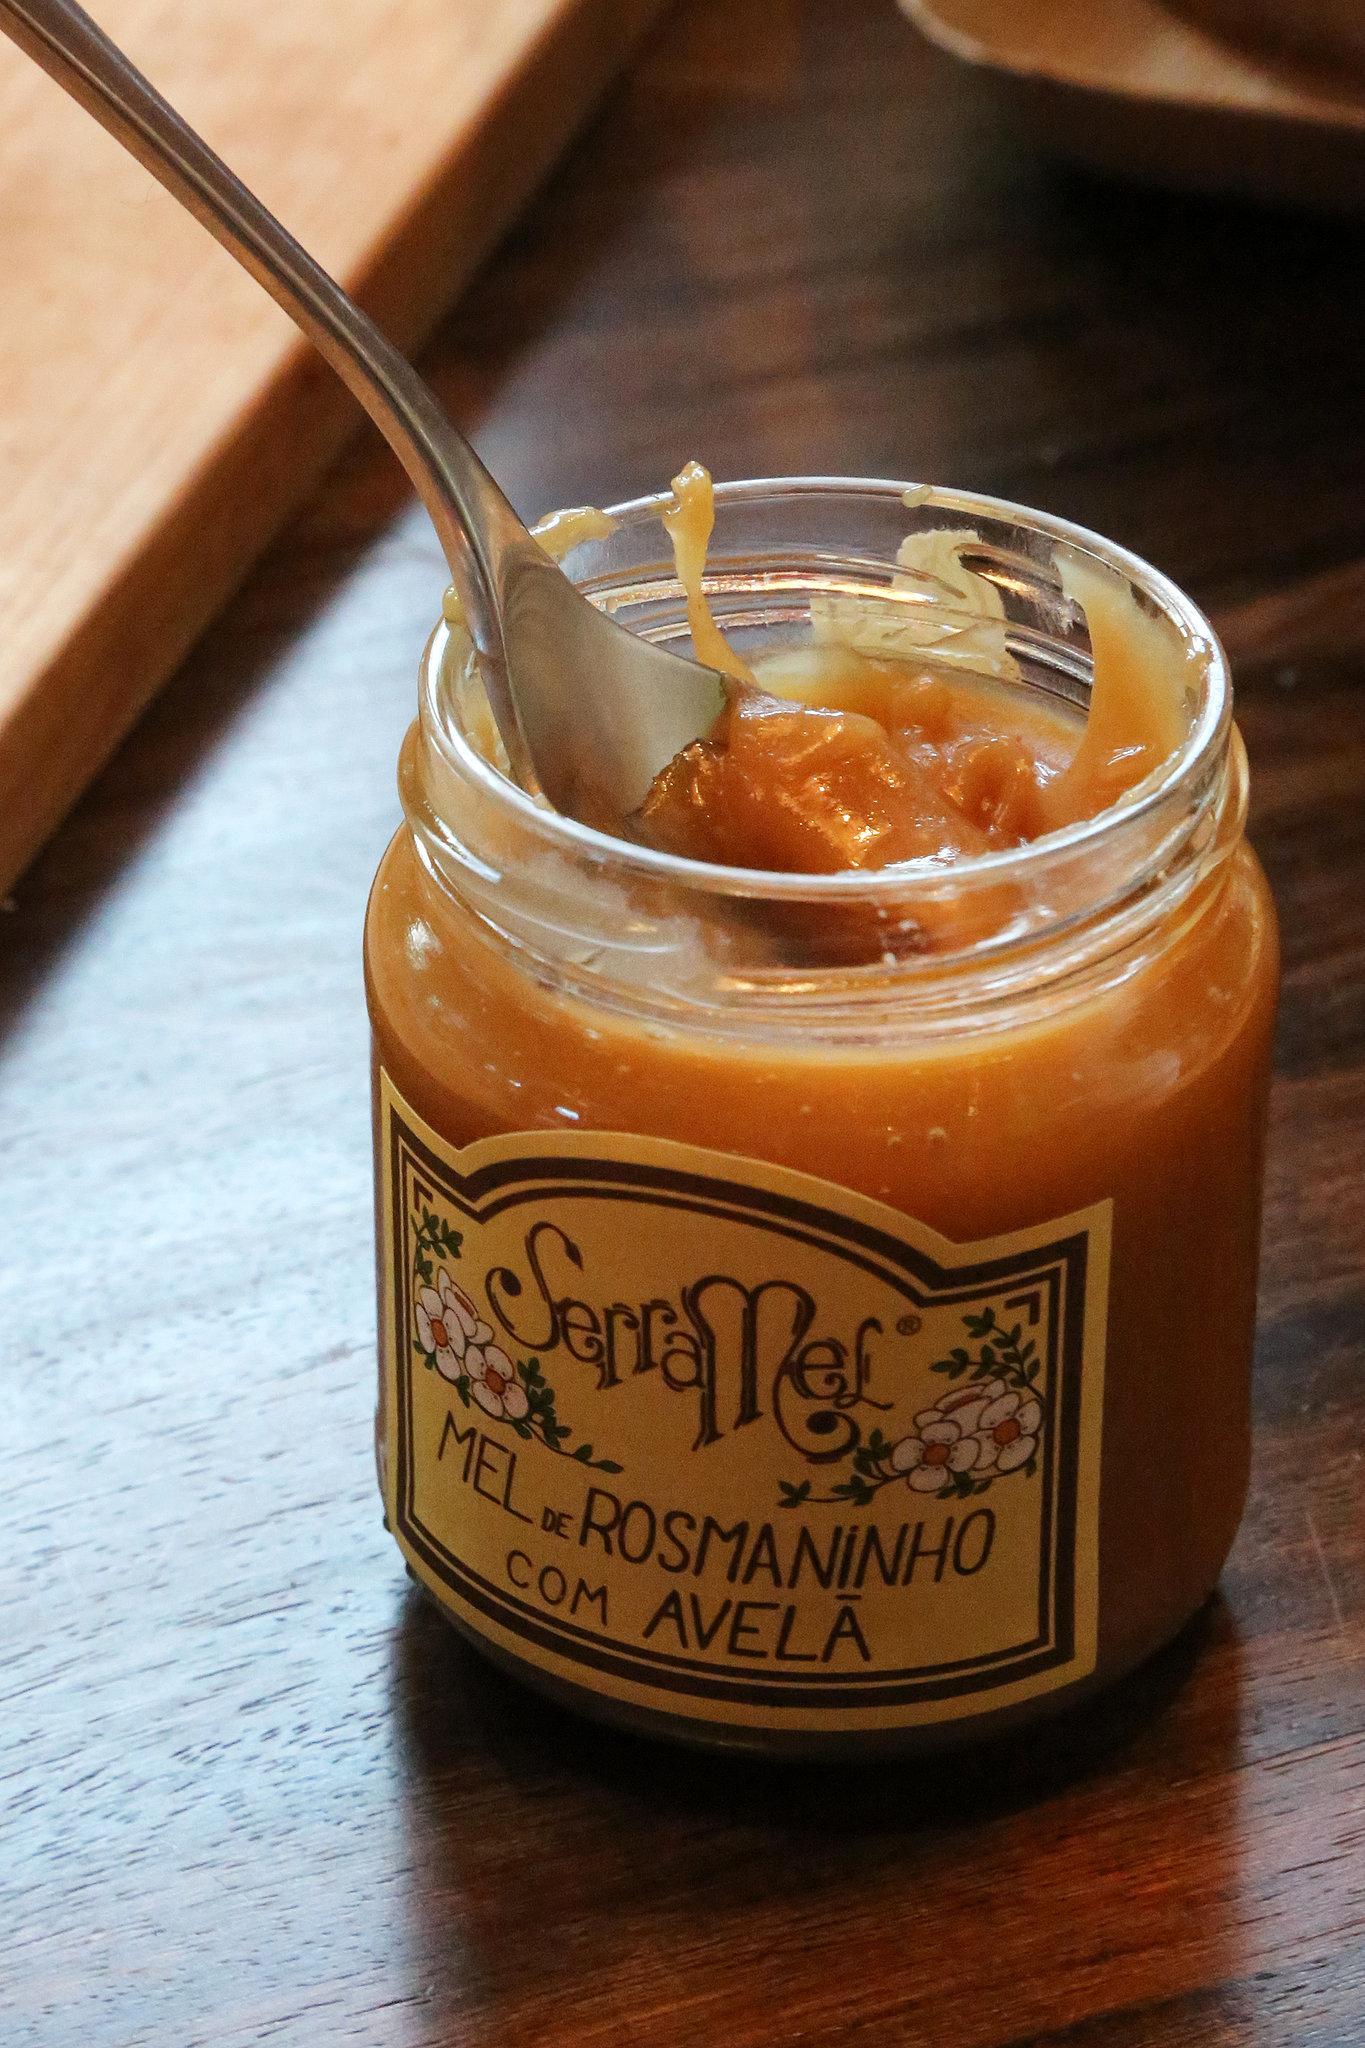 Serramel Hazelnut Honey